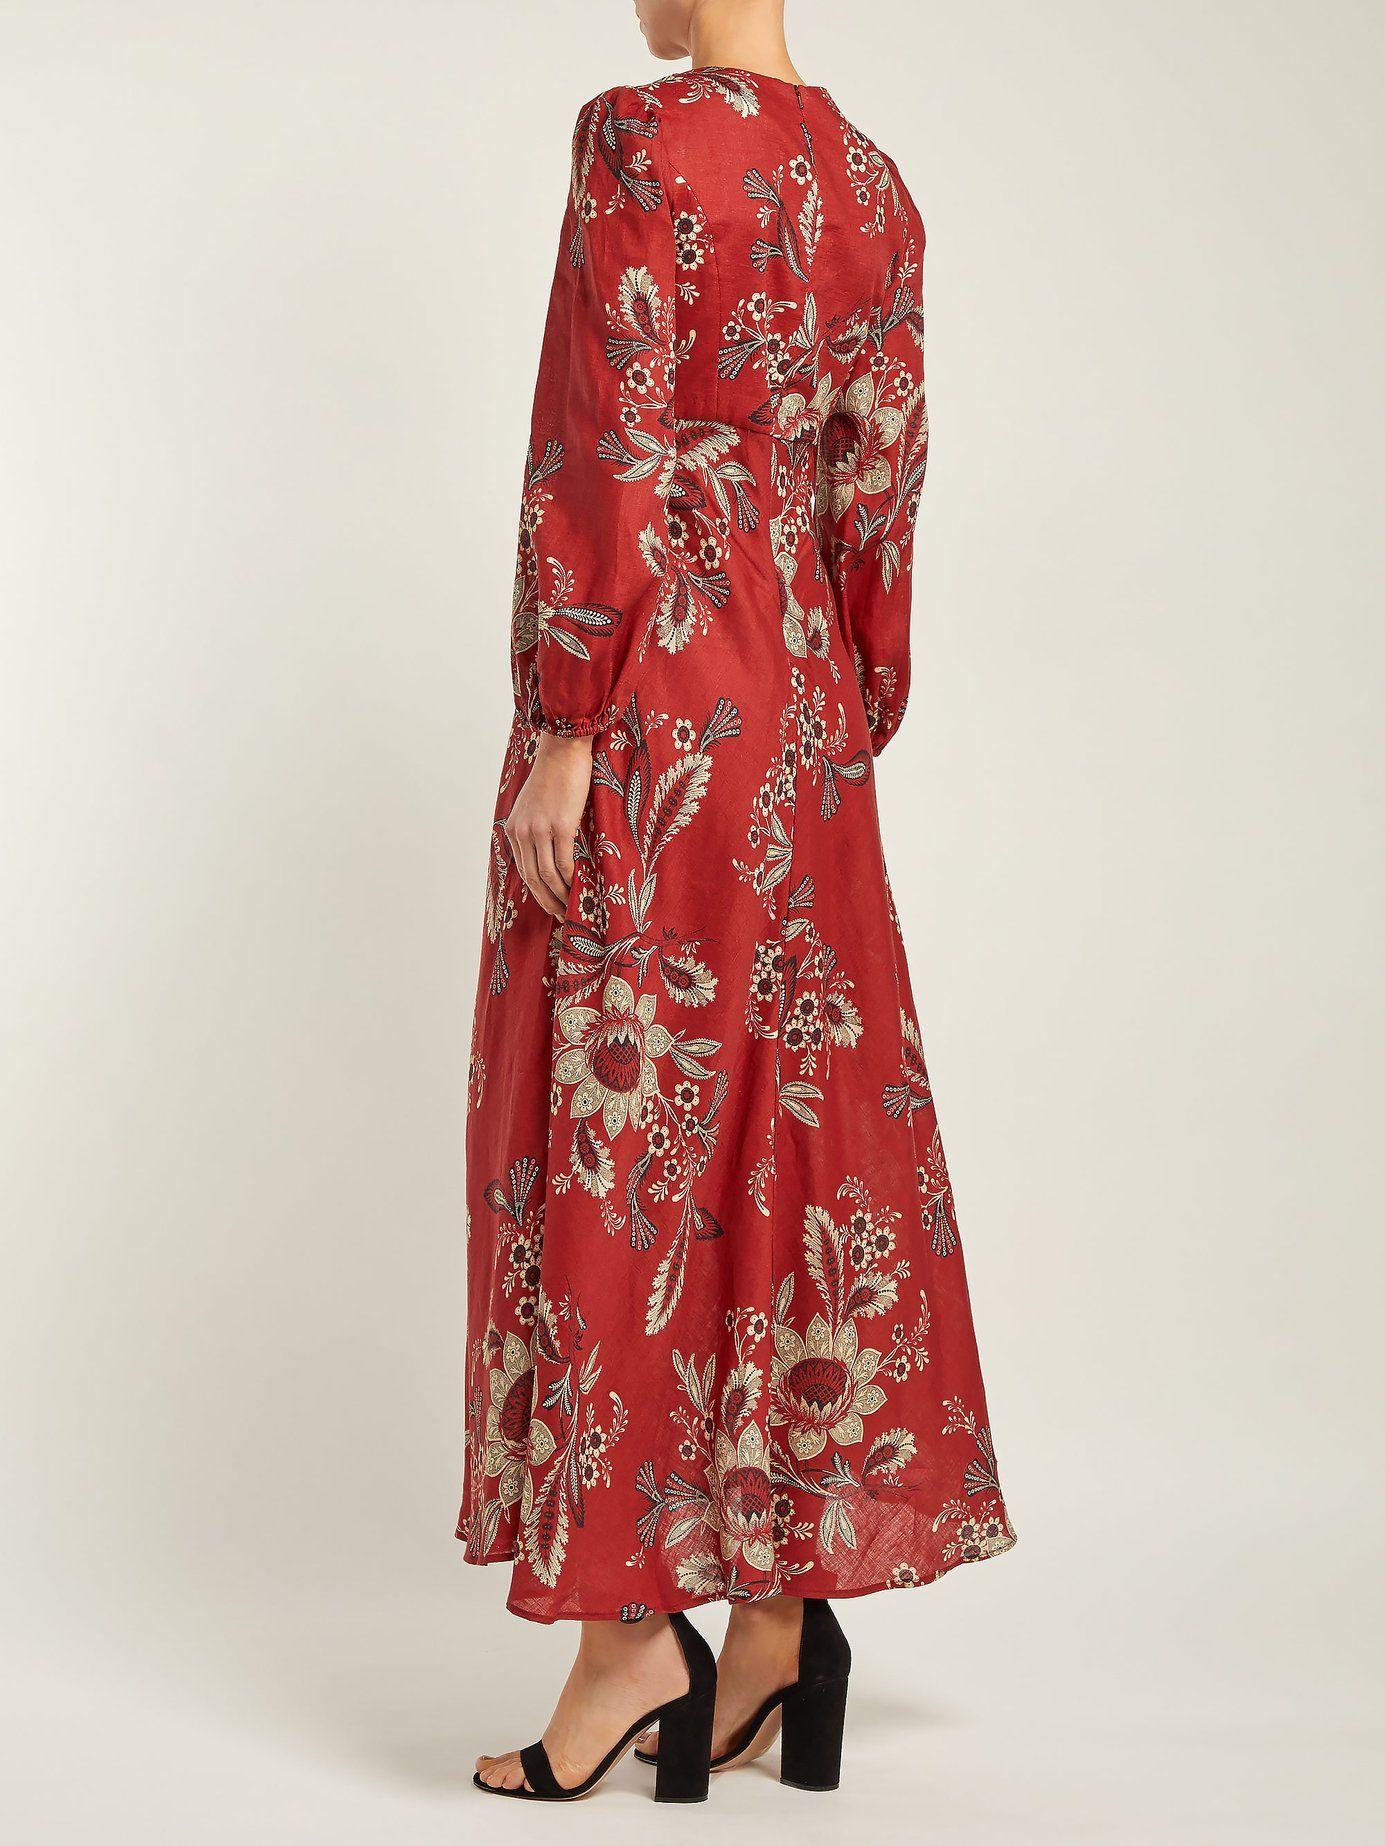 926d301b51e Juno Rosa Batik-print linen dress